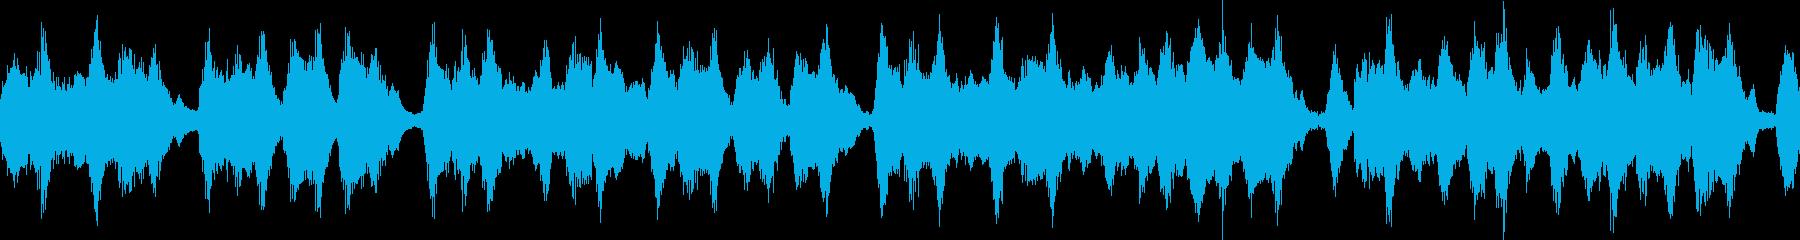 哀しい雰囲気のクラシックジングル_ループの再生済みの波形